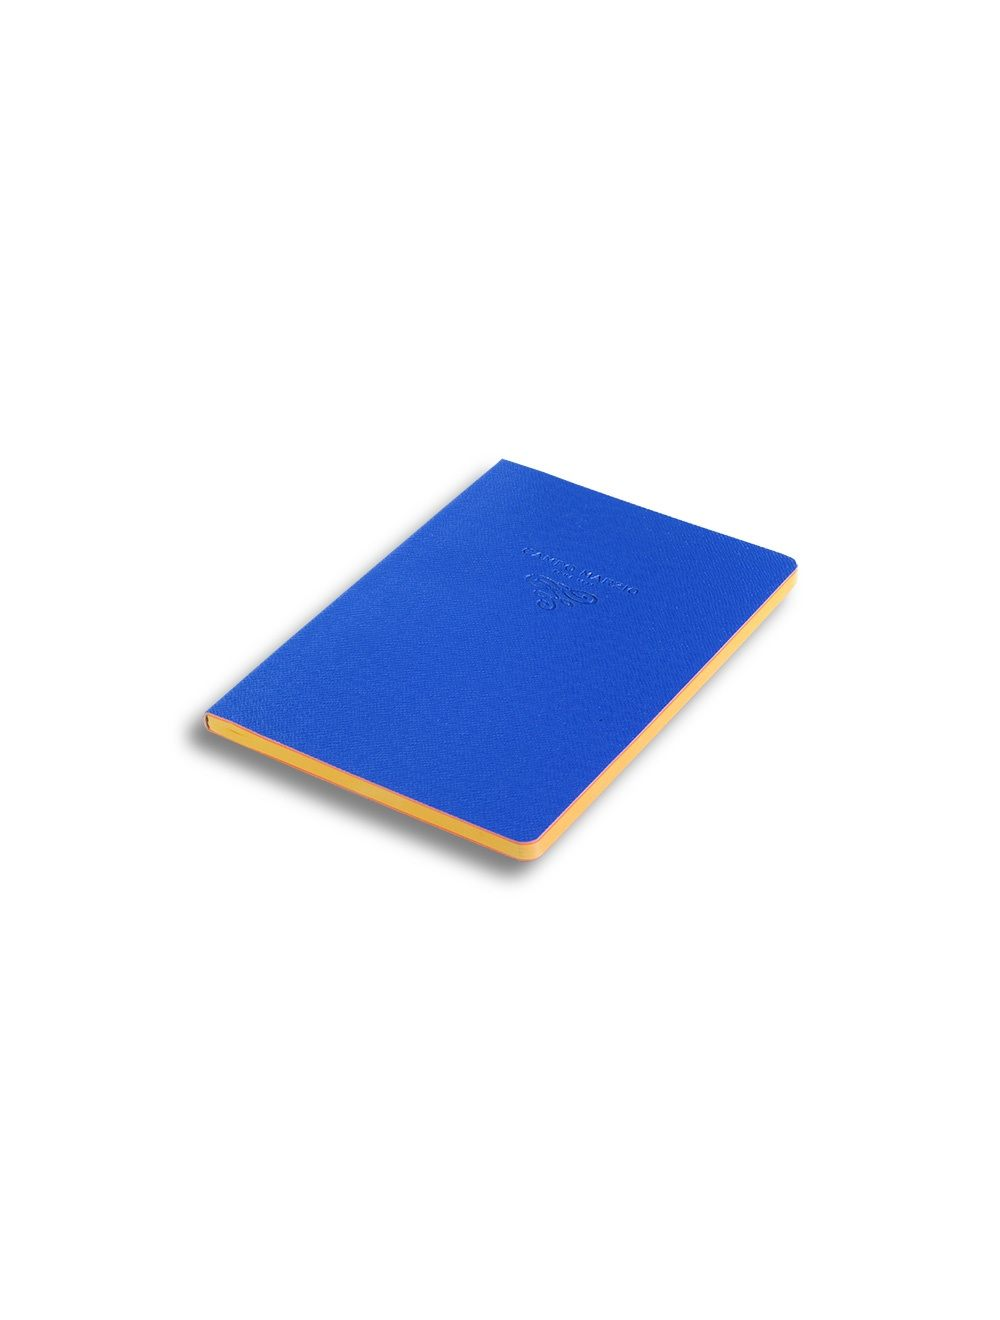 Journal 16,5 X 23,4 Cm - Coloured Internal Paper  - Ocean Blue